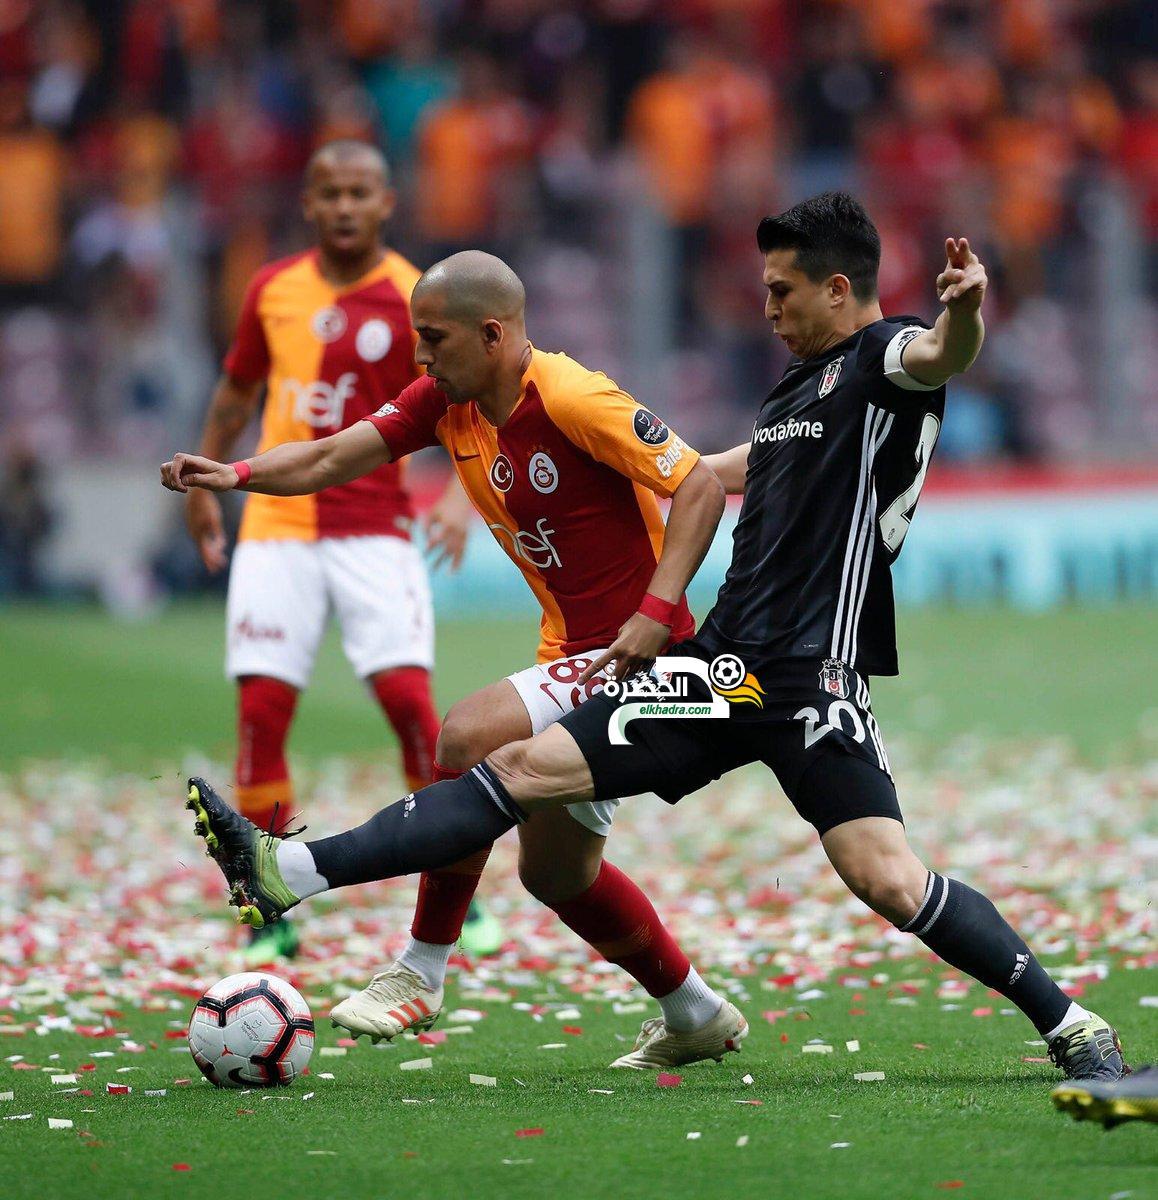 فغولي يقترب من الفوز بالدوري التركي بفوز جالطة سراي على بشكتاش 24